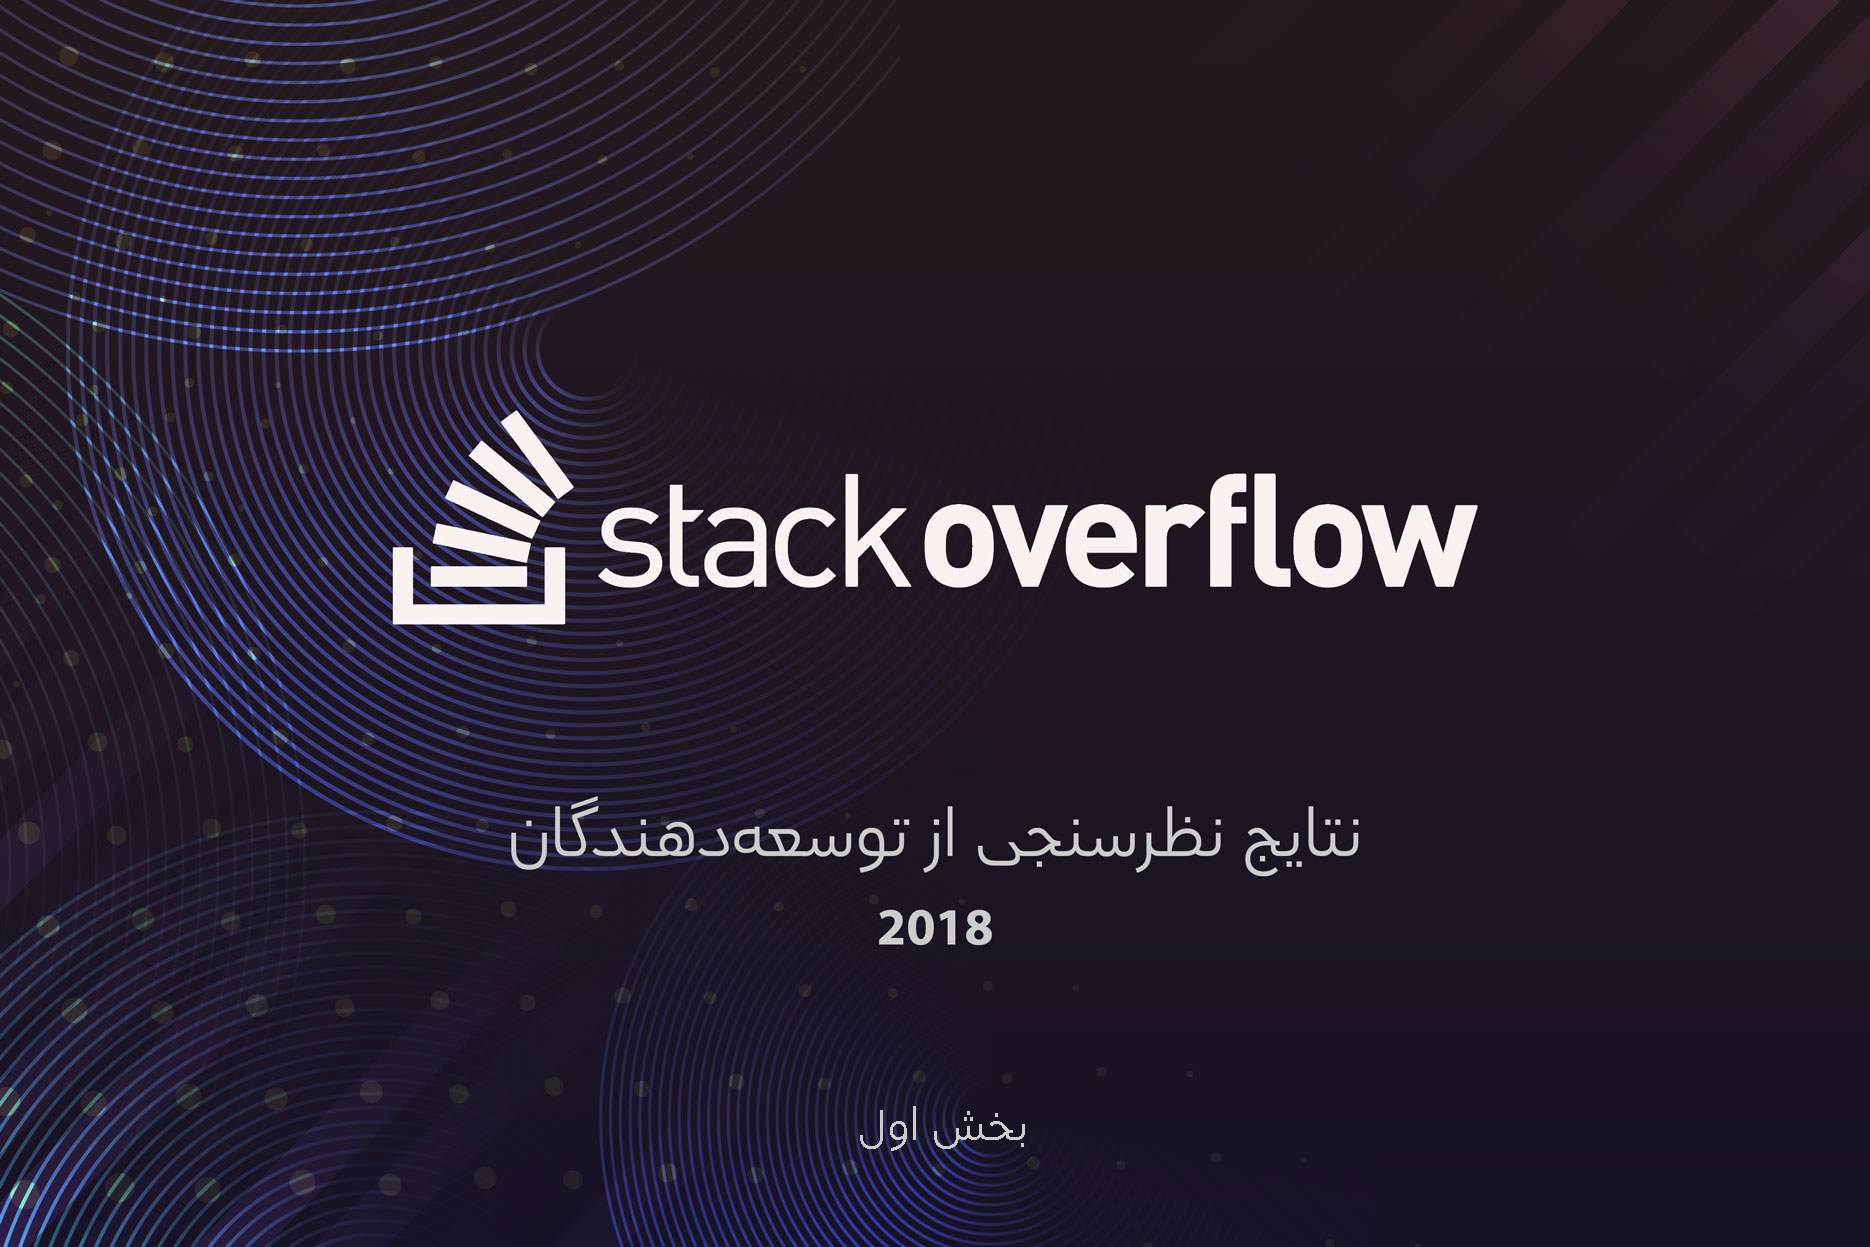 نتایج جالب از نظرسنجی سال ۲۰۱۸ سایت Stack Overflow – بخش اول